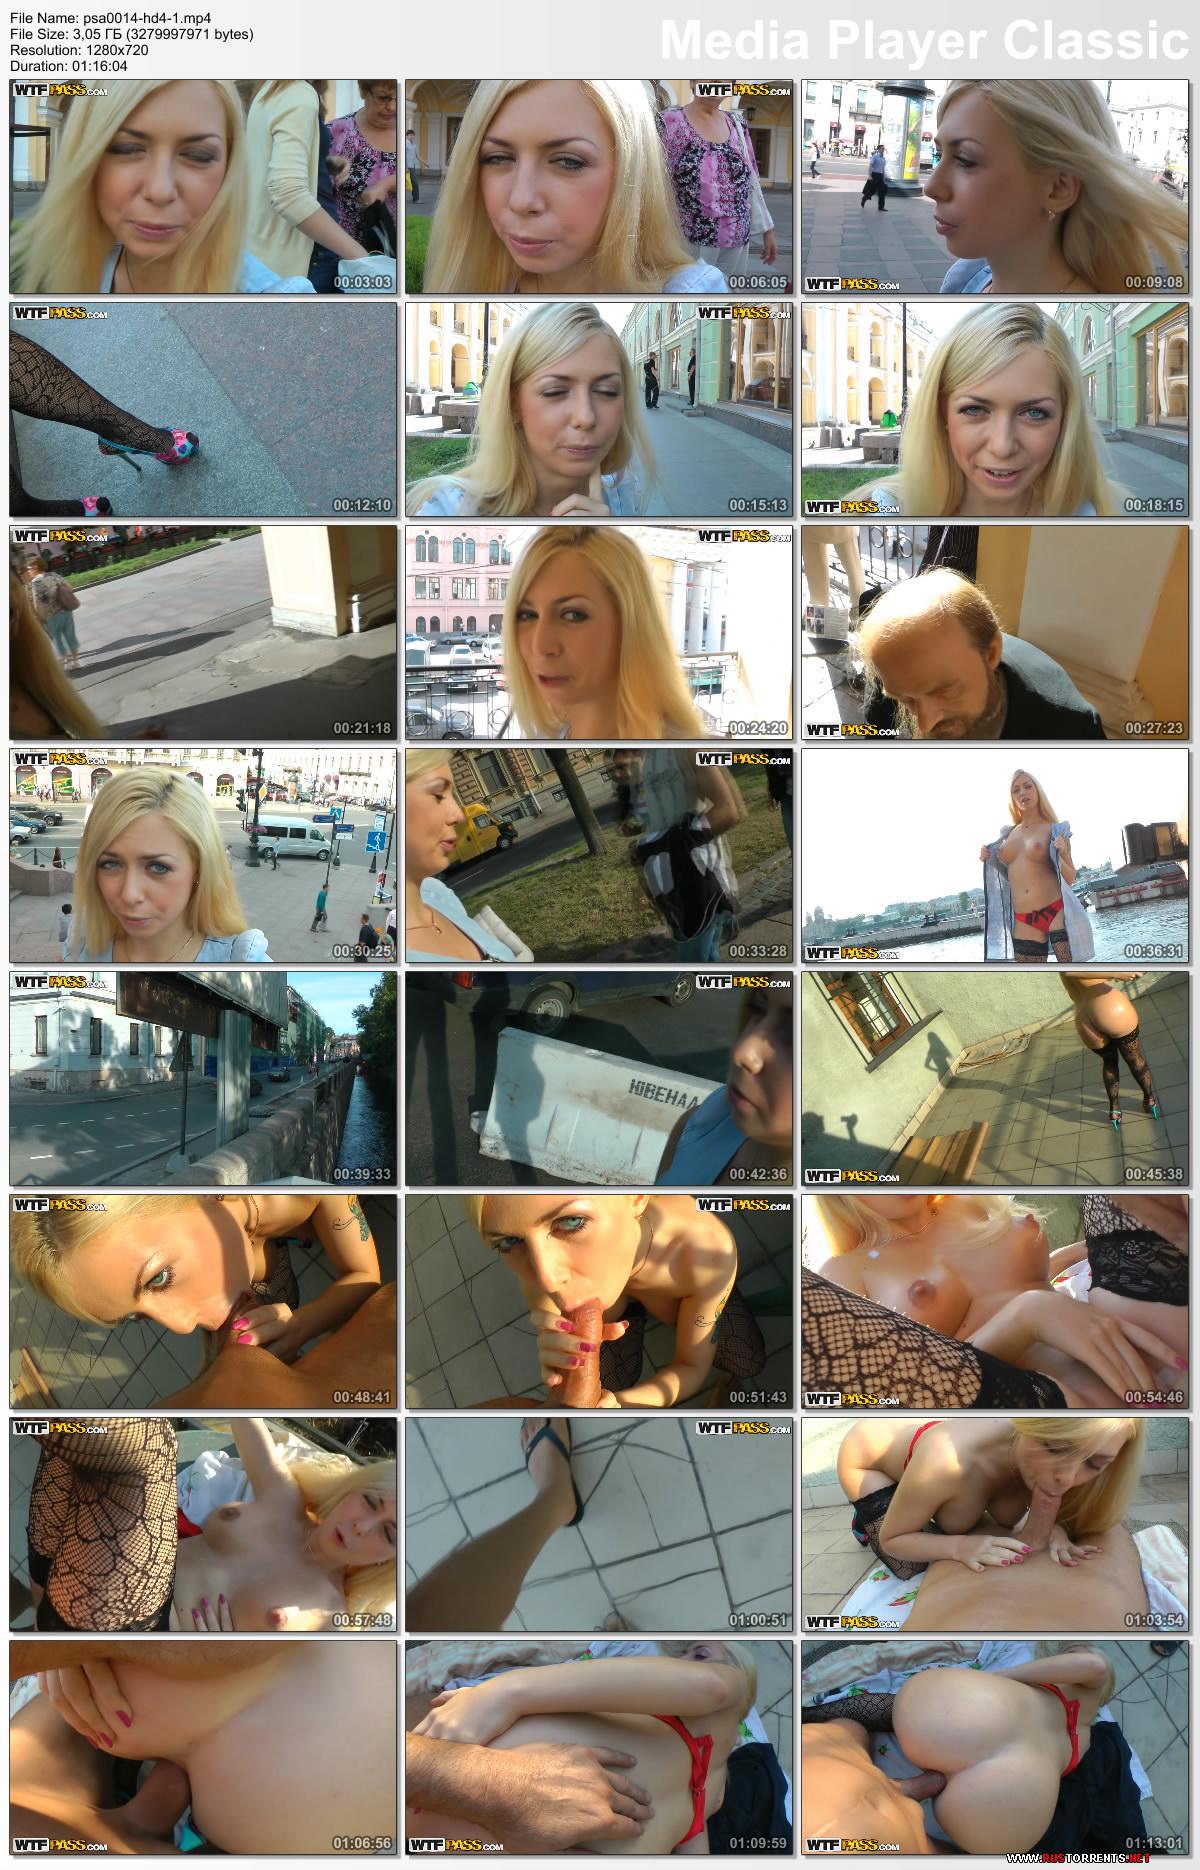 Сборник пикапа русского порно 16 фотография